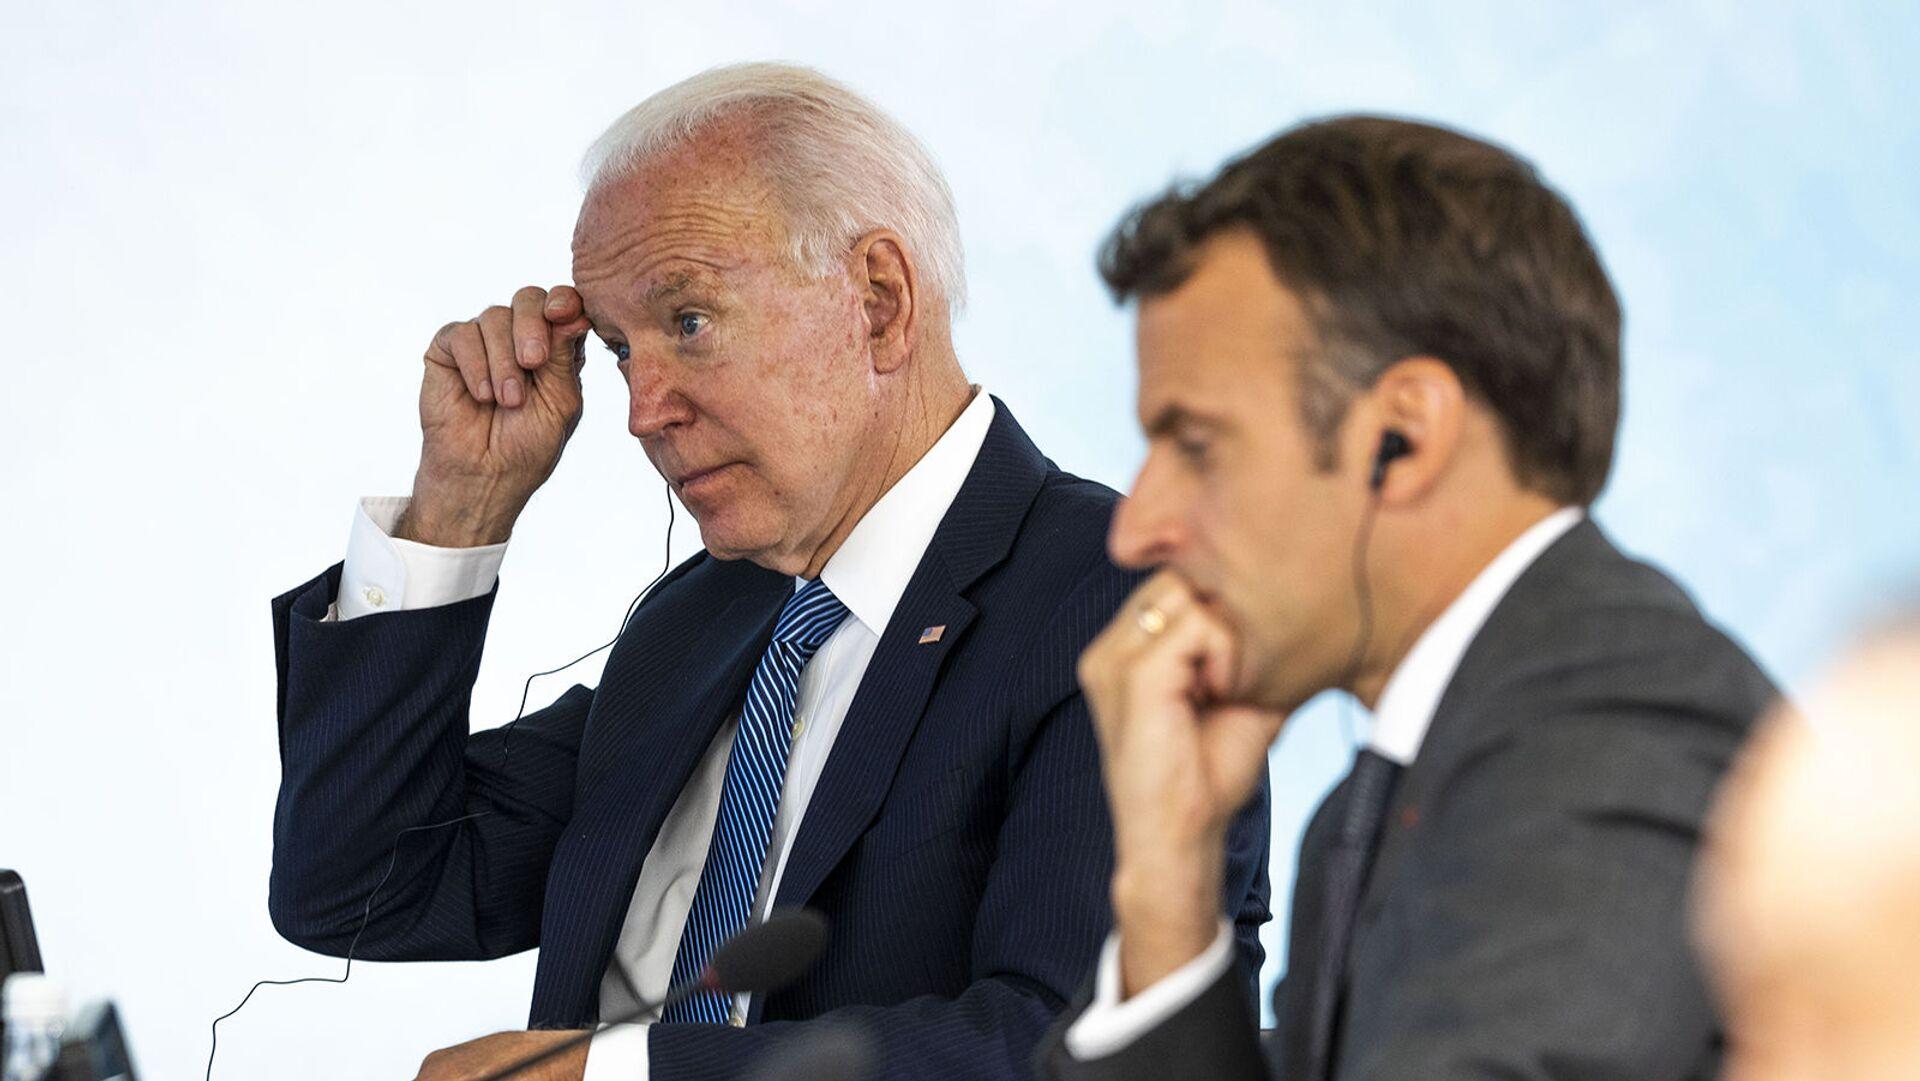 Президенты США и Франции Джо Байден и Эммануэль Макрон во время заключительной сессии саммита G-7 в Карбис-Бэй (13 июня 2021). Англия - Sputnik Армения, 1920, 22.09.2021